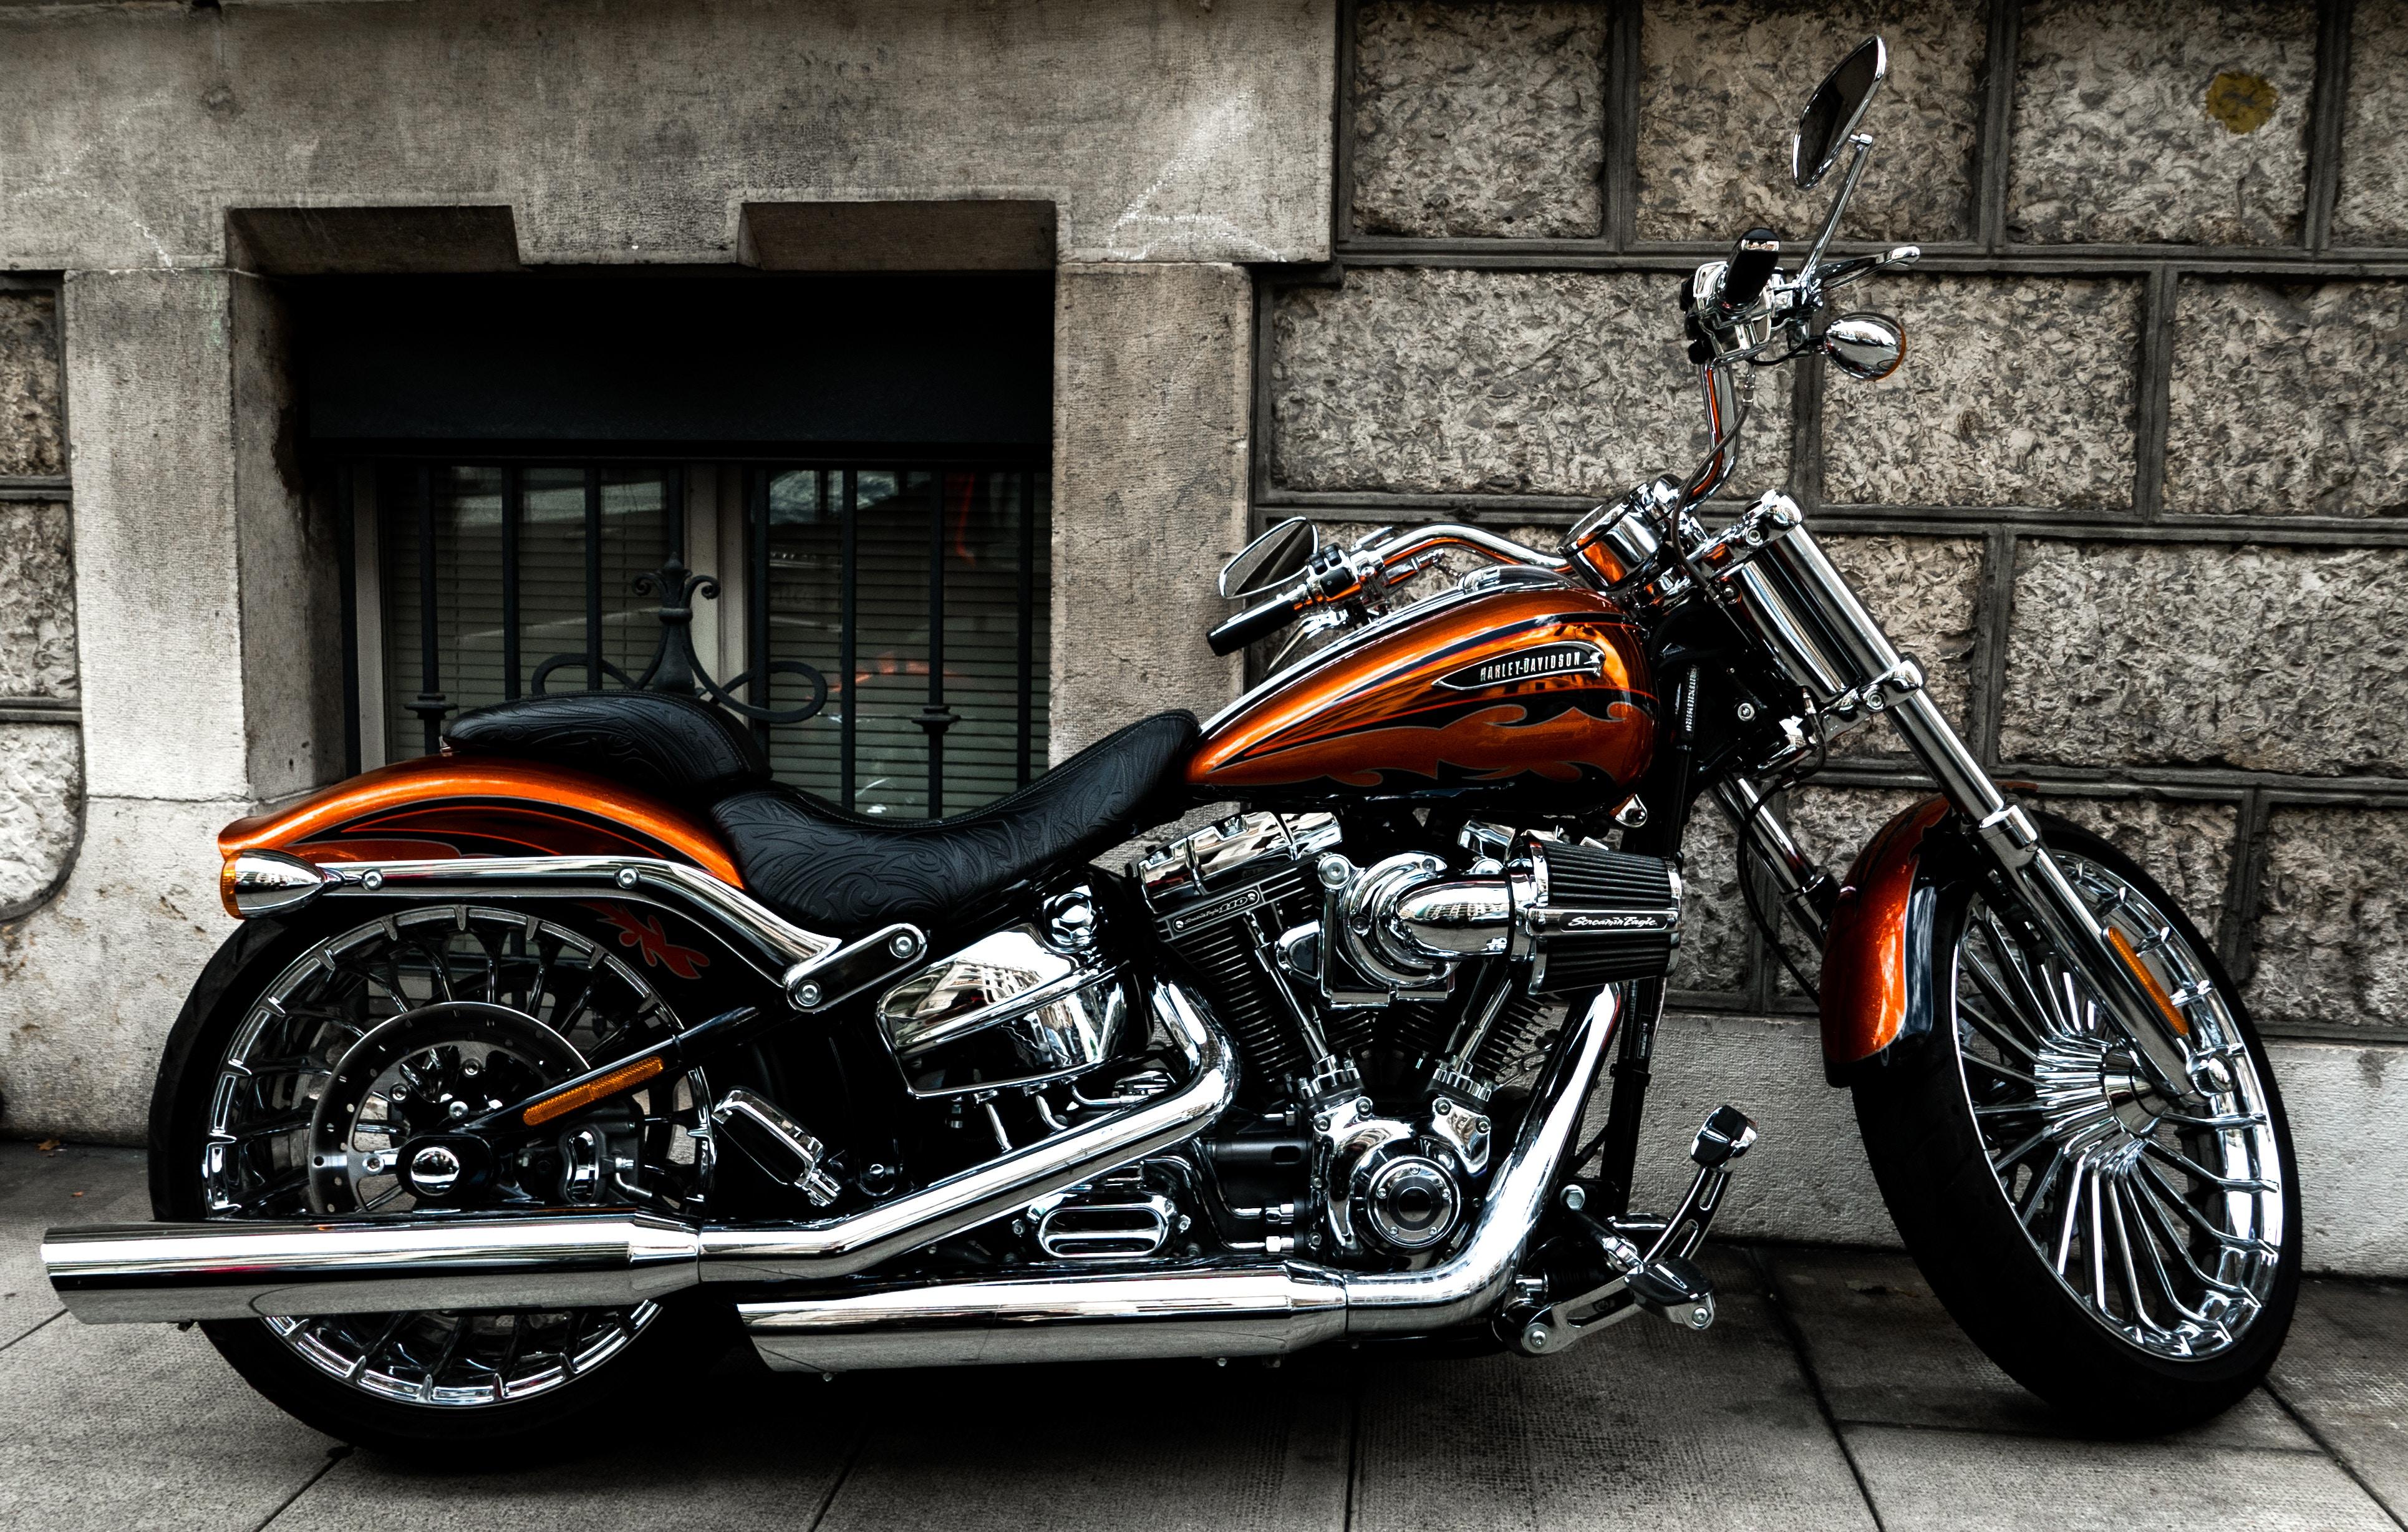 которые понадобятся, красивые мотоциклы чопперы фото тип